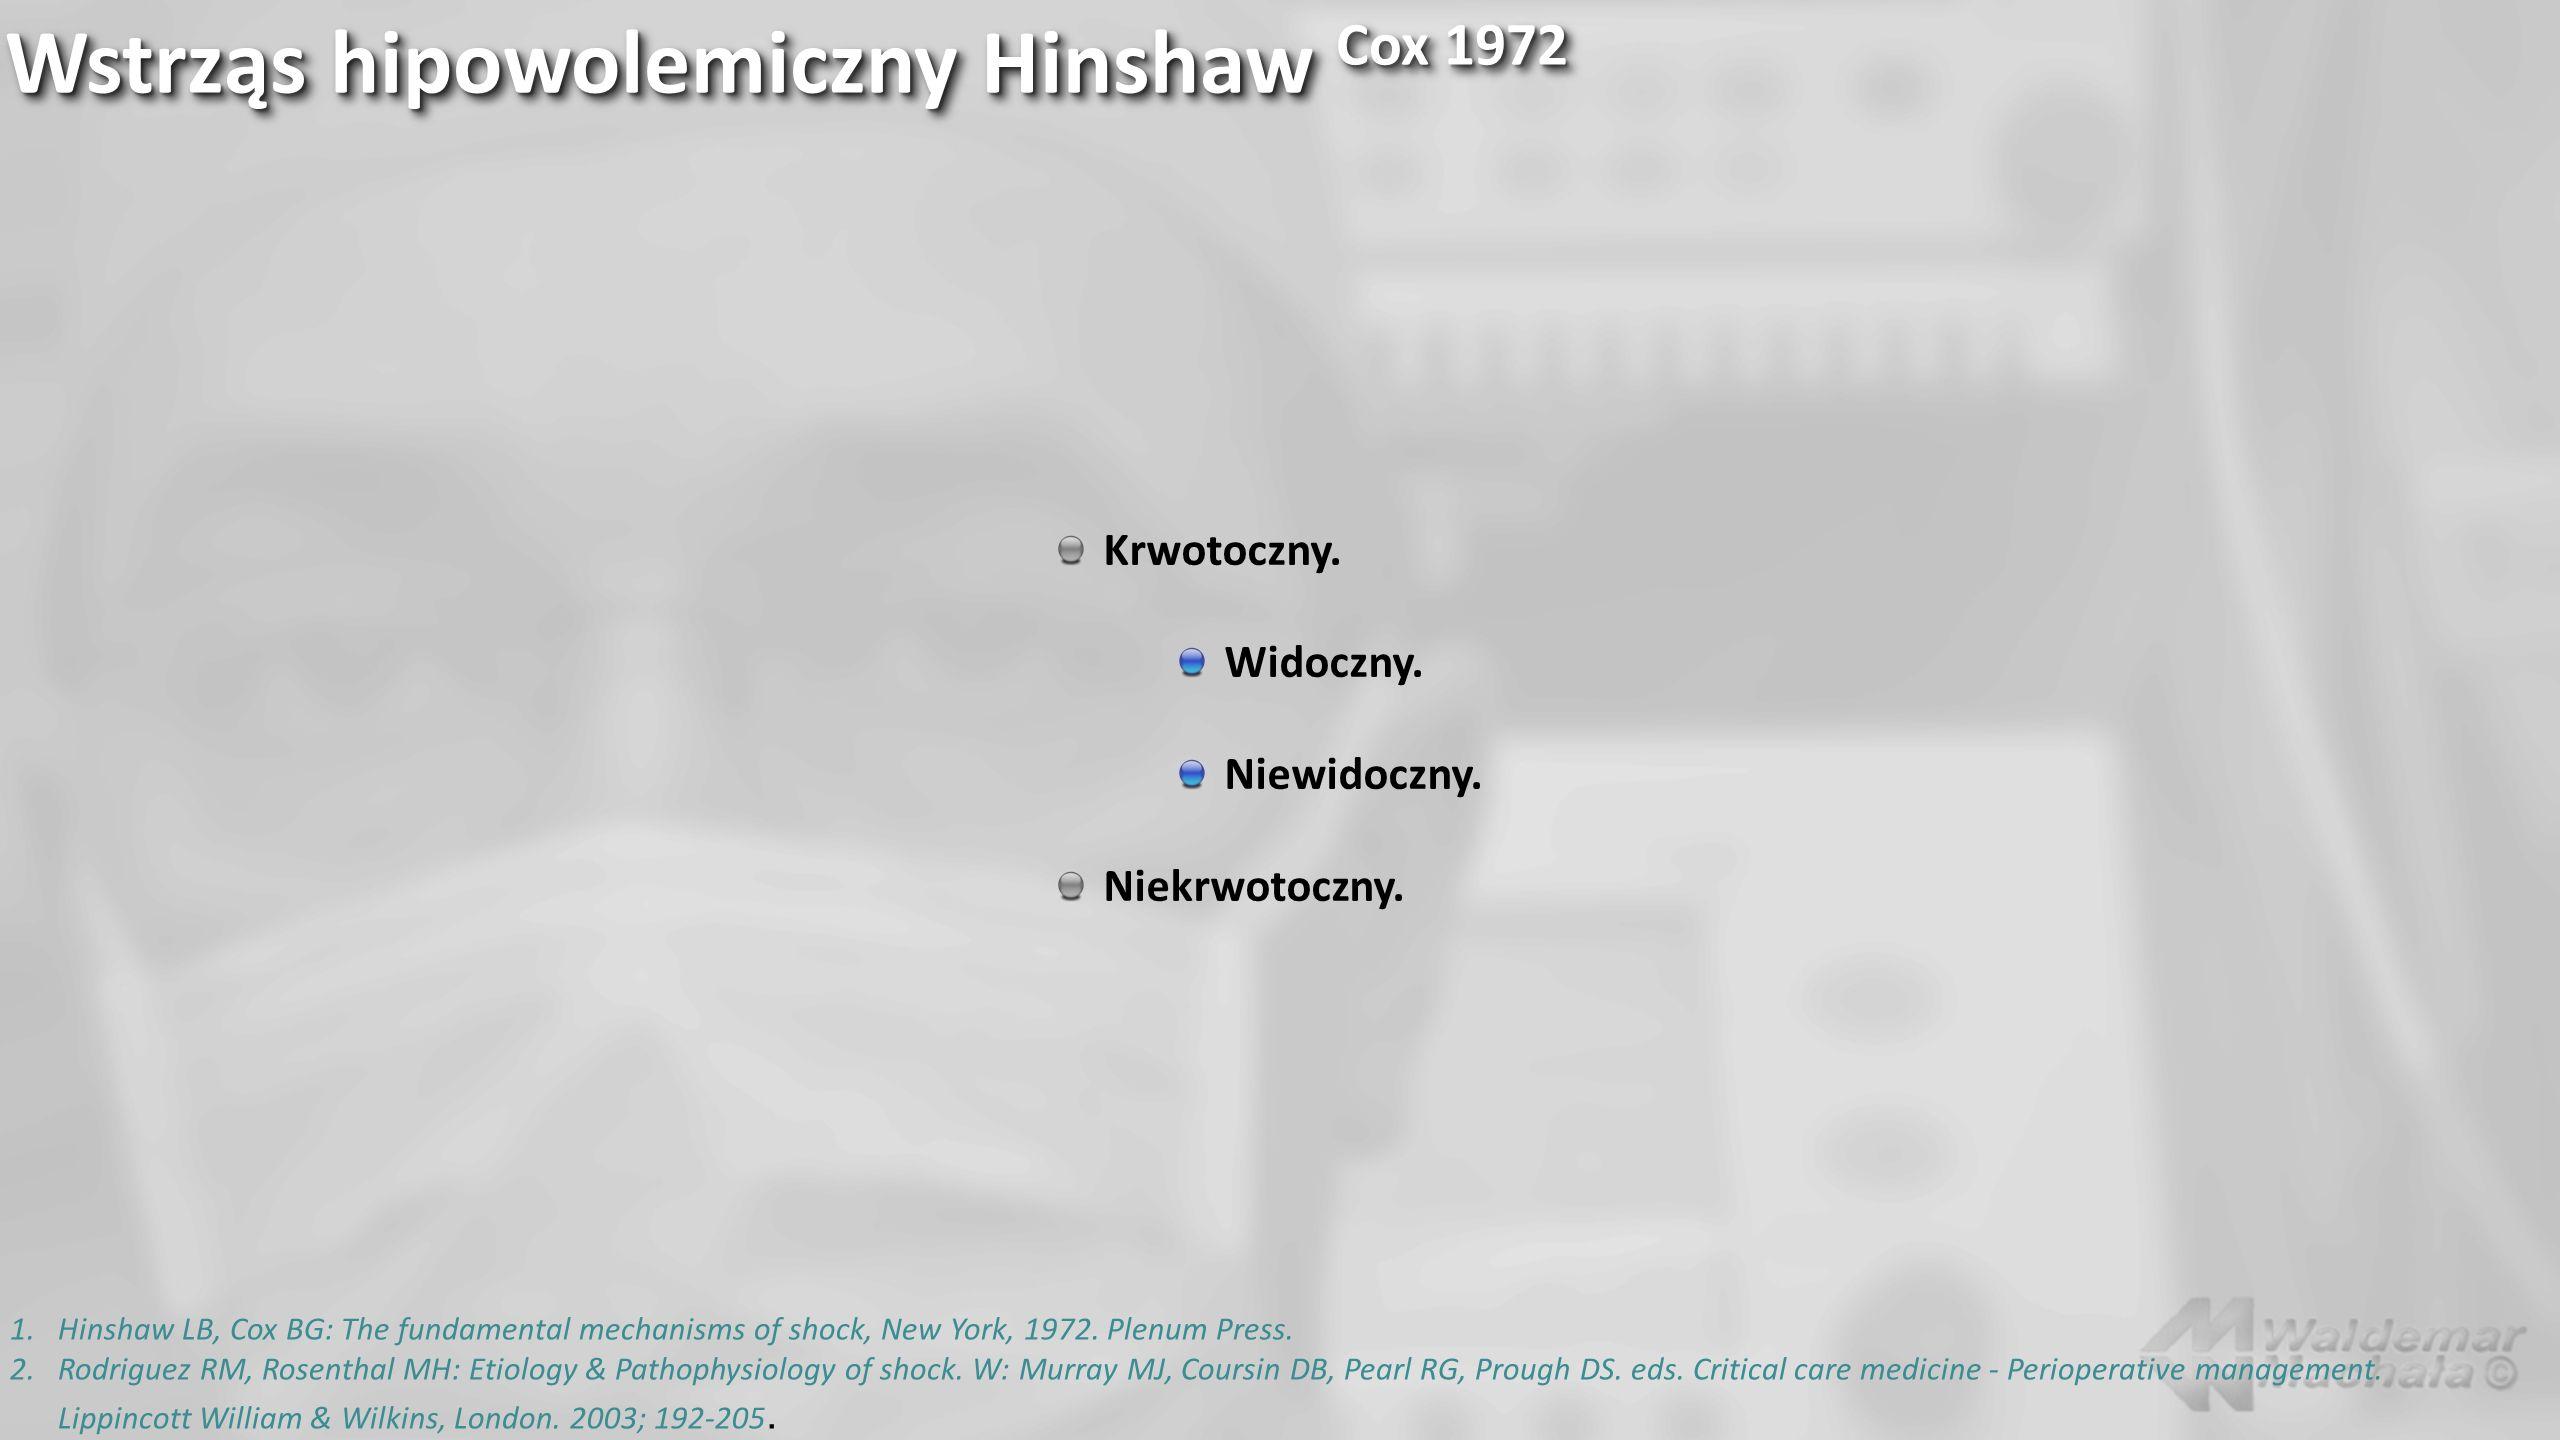 Wstrząs hipowolemiczny Hinshaw Cox 1972